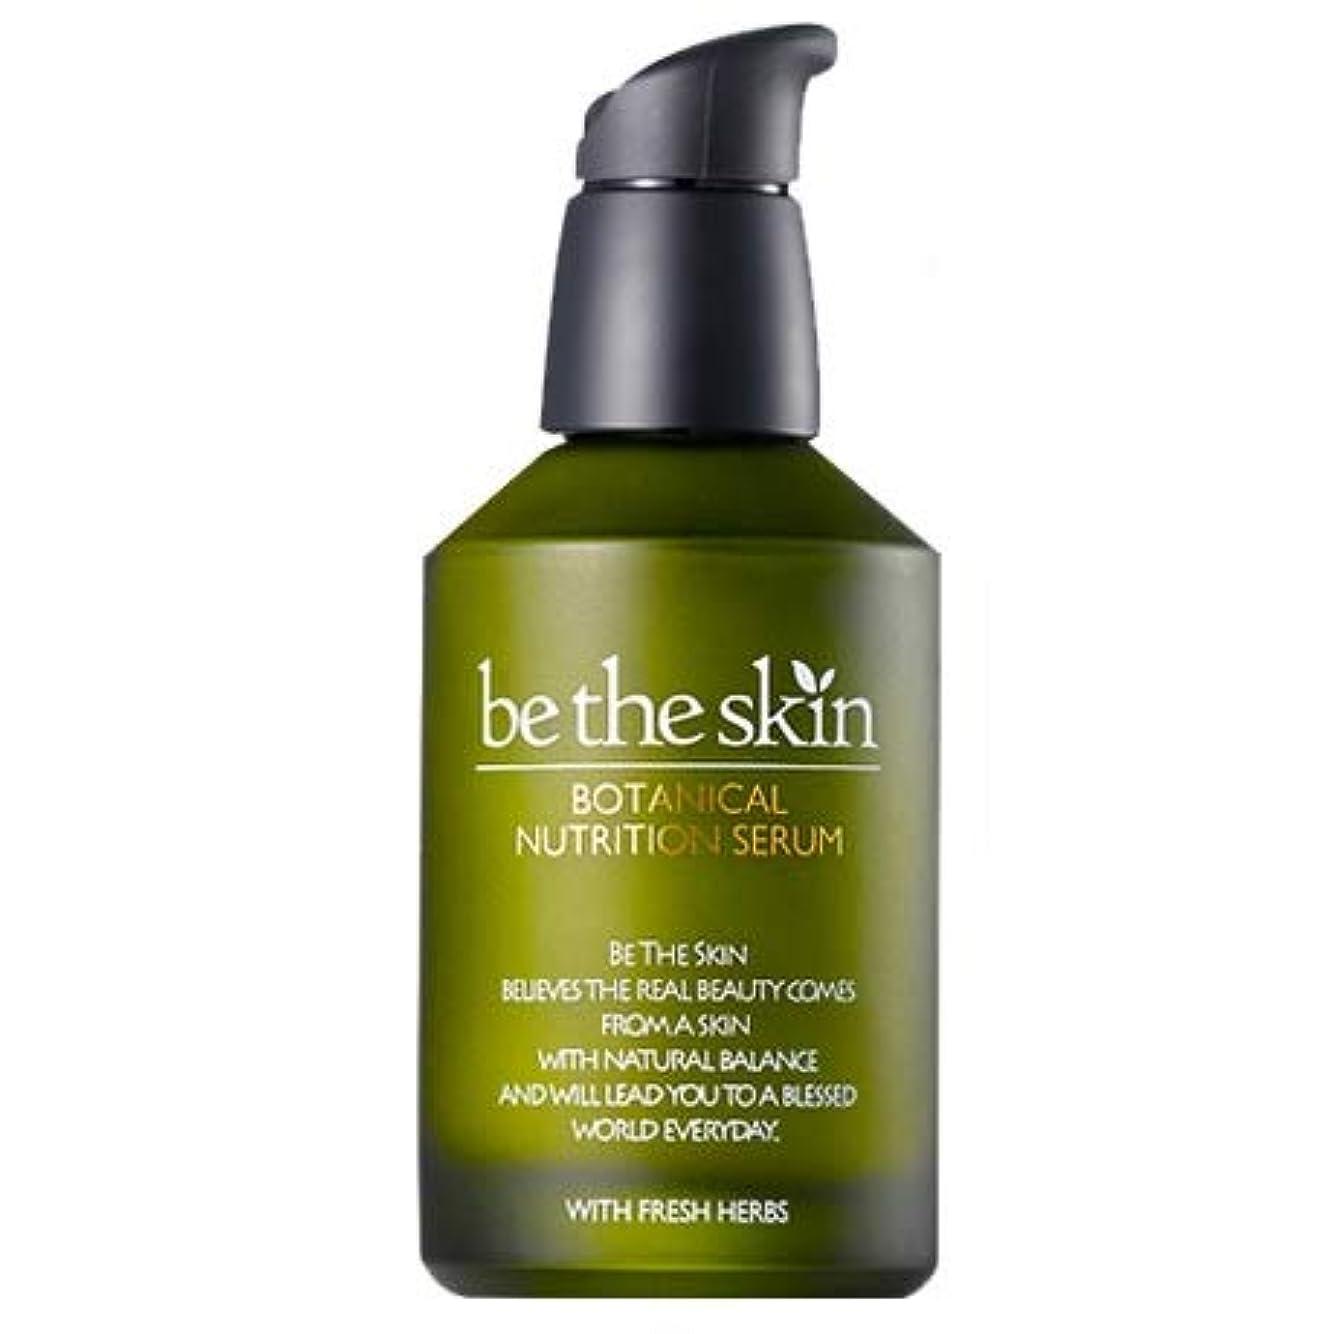 送金スーツケース置換be the skin ボタニカル ニュートリション セラム / Botanical Nutrition Serum (50ml) [並行輸入品]